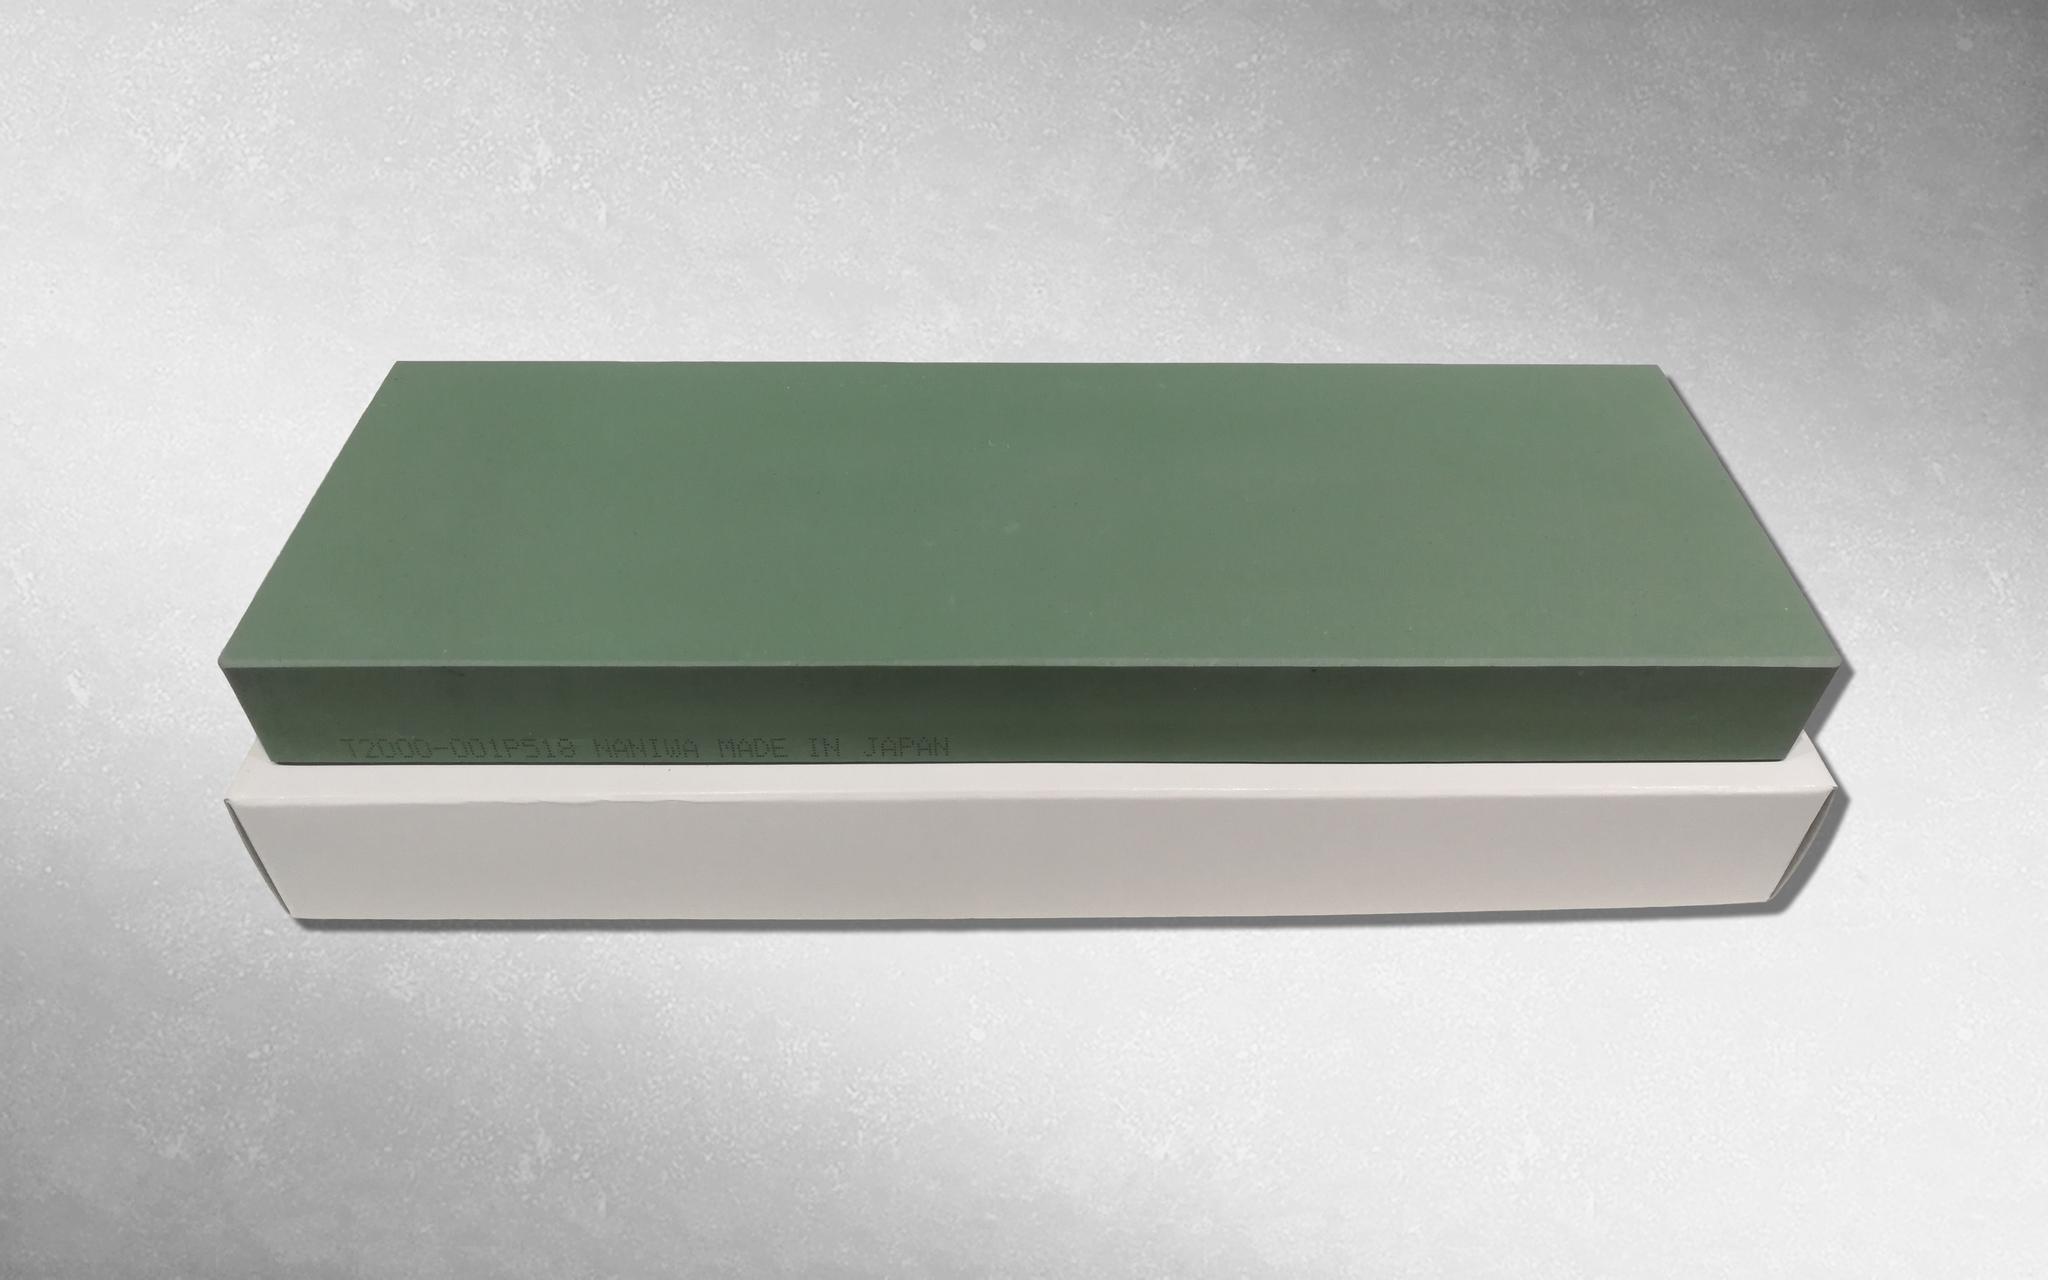 Камень точильный Kasumi T-420, #2000, 210x70x20